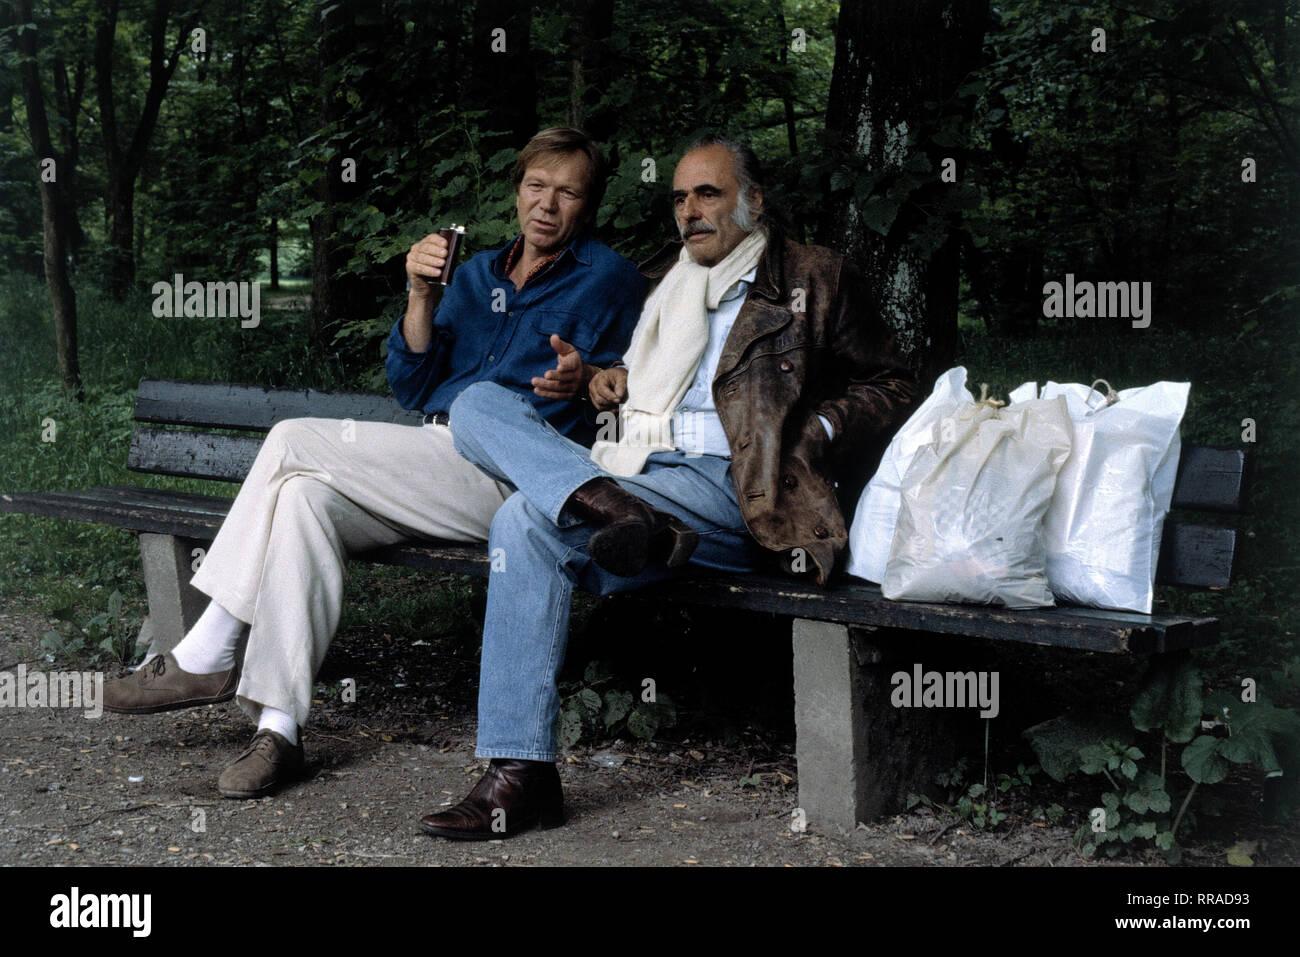 RÜDIGER KIRSCHSTEIN (Werner Busch), DIETRICH KERKY (Egon) EM / Film, Fernsehen, Kriminalfilm, Serie, 90er / Überschrift: SOKO 5113 / Deutschland 1996 Stock Photo